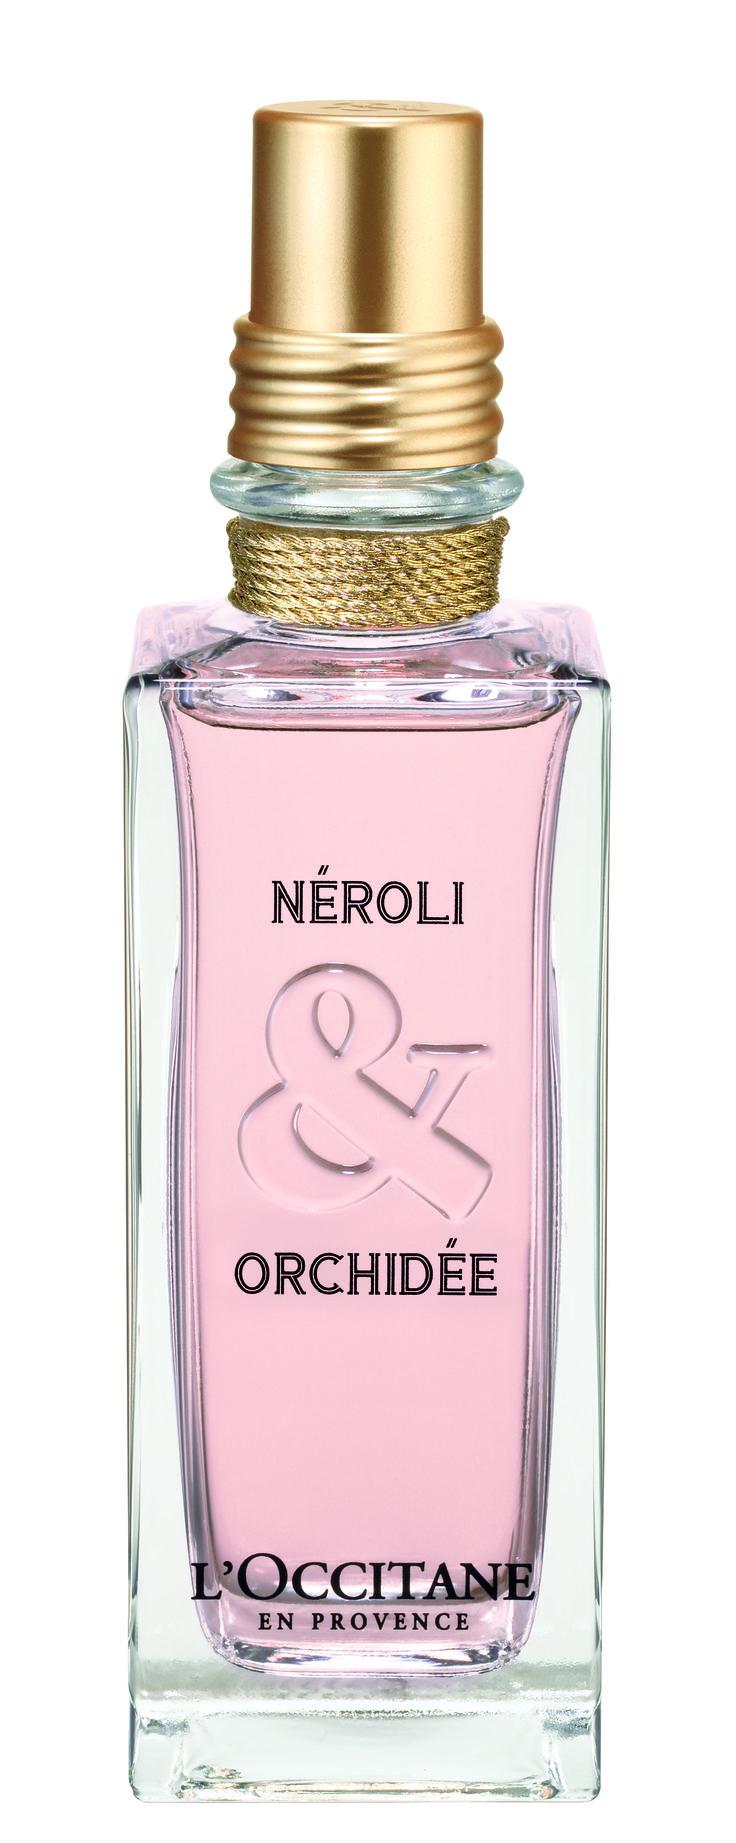 """L´Occitane en Provence """"Néroli & Orchidée"""" Eau de Toilette for women."""